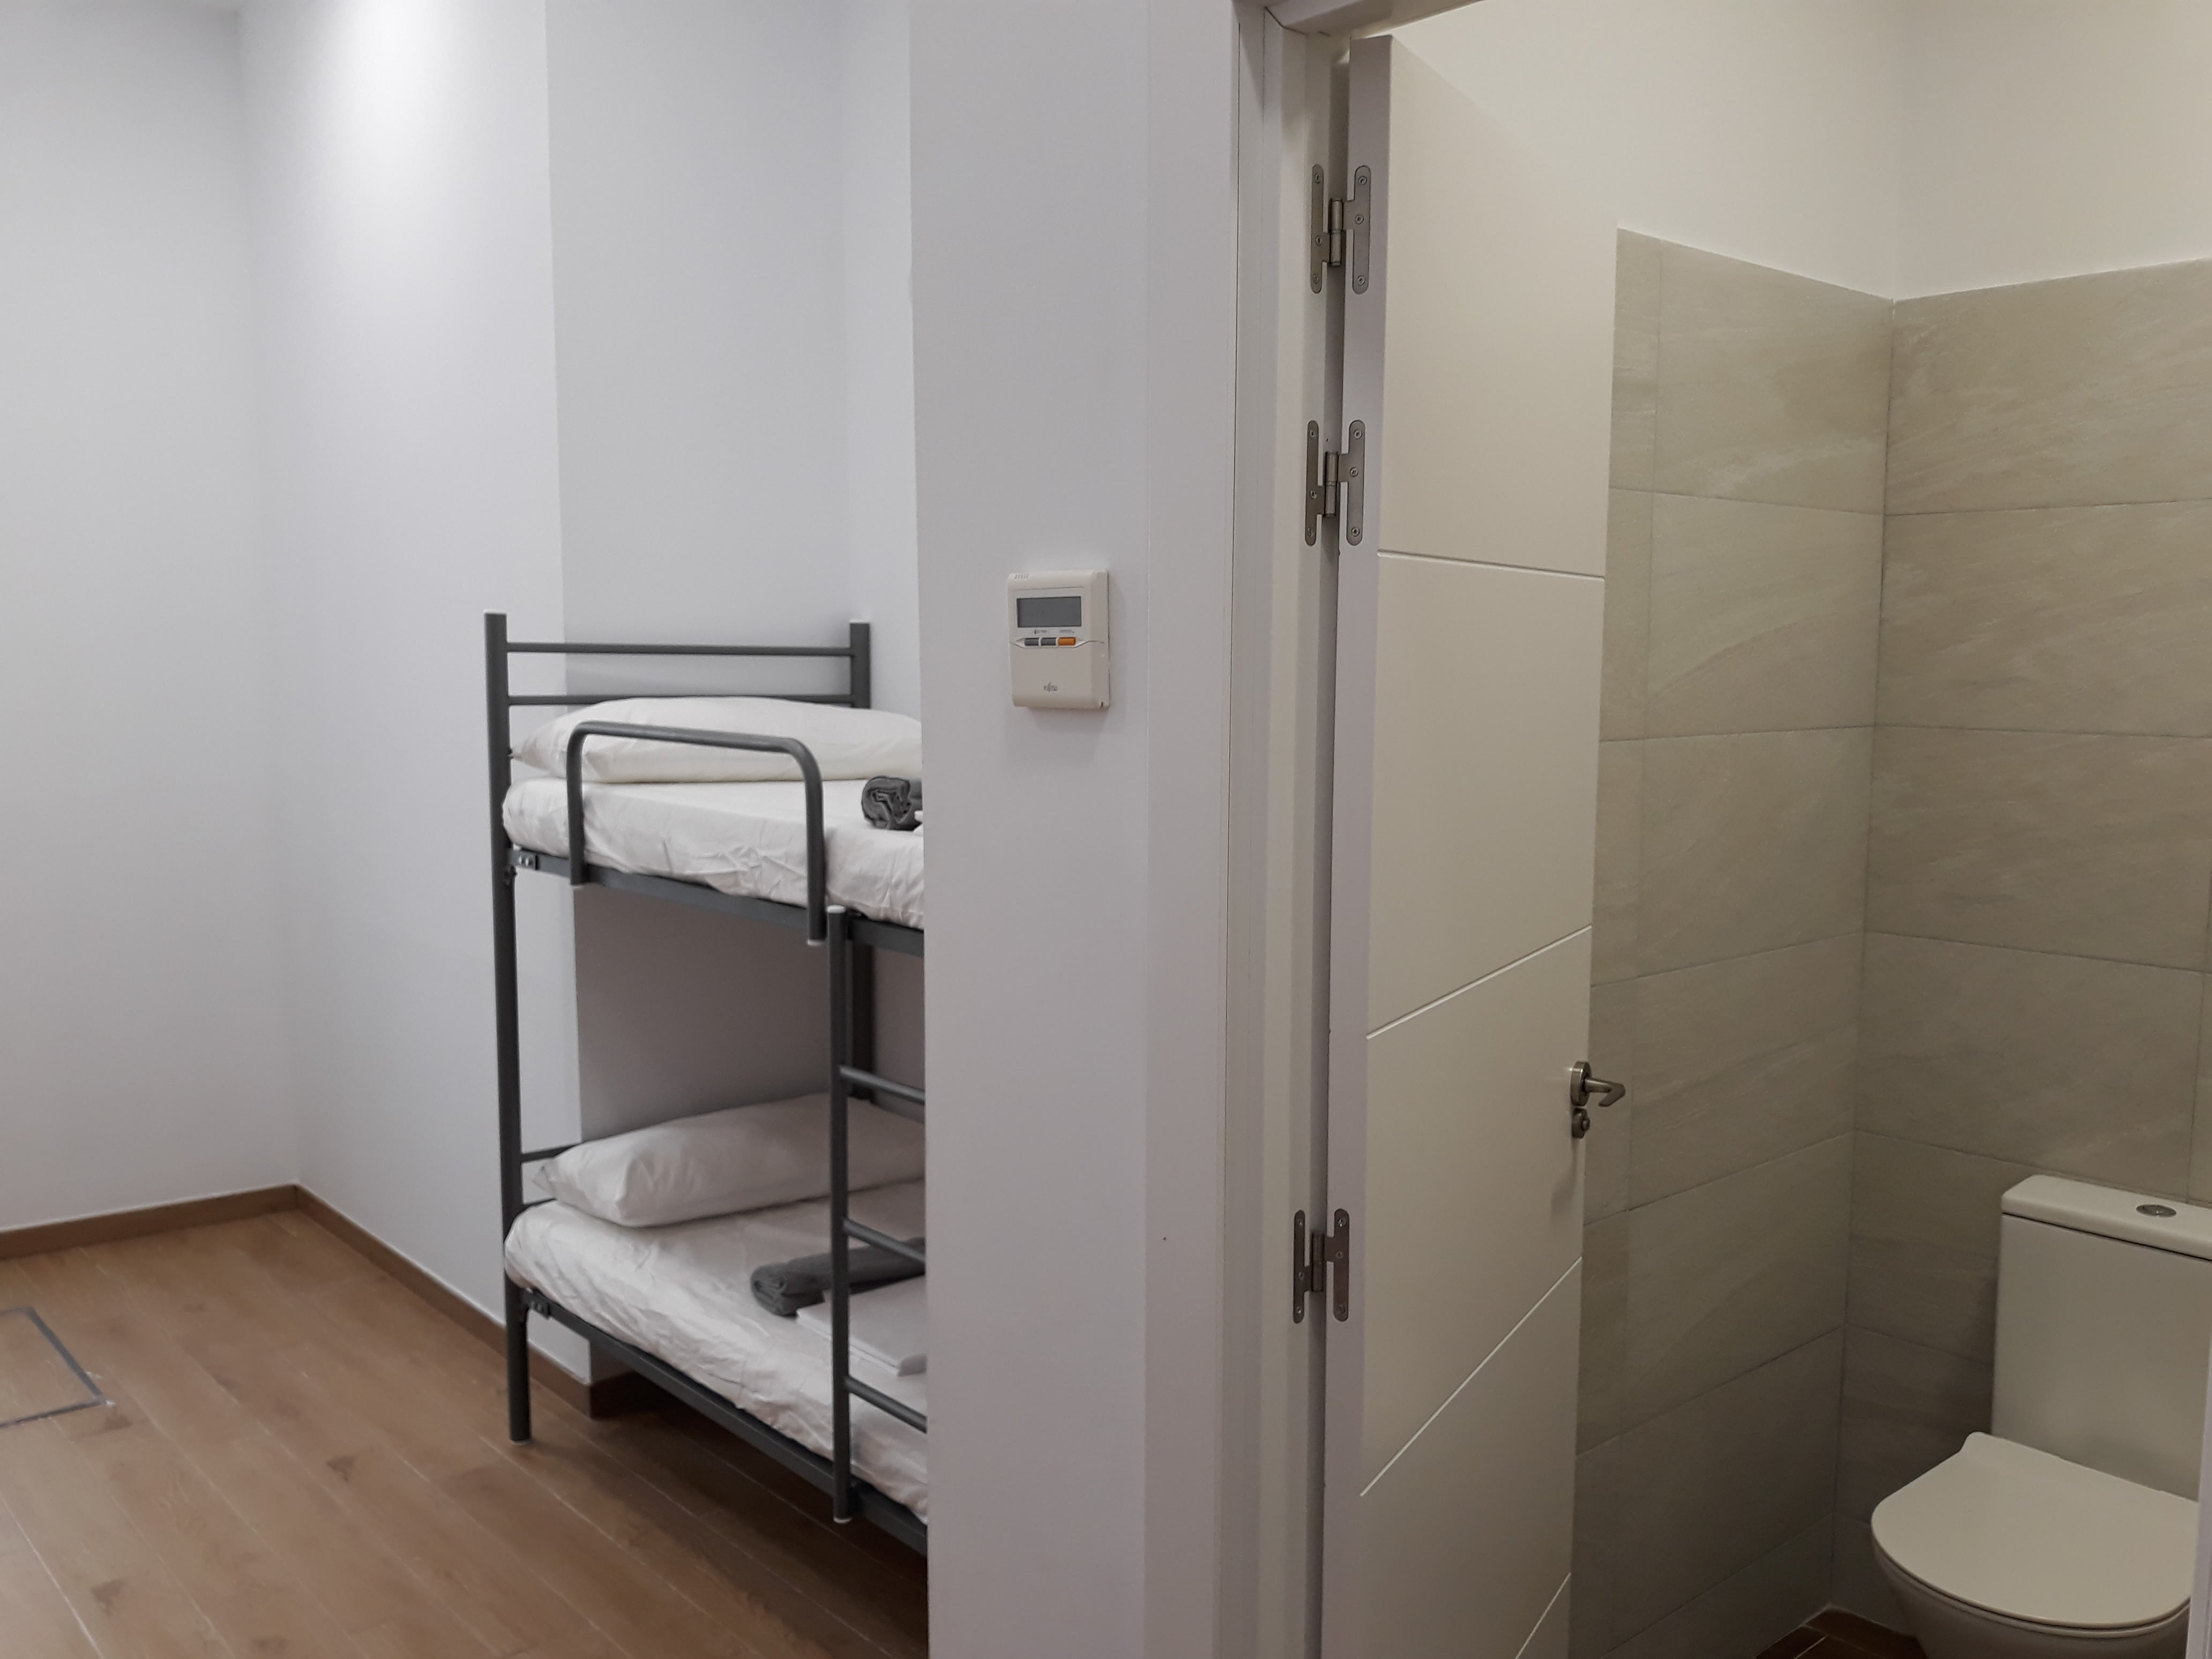 HOSTEL - Hub Hostel Seville